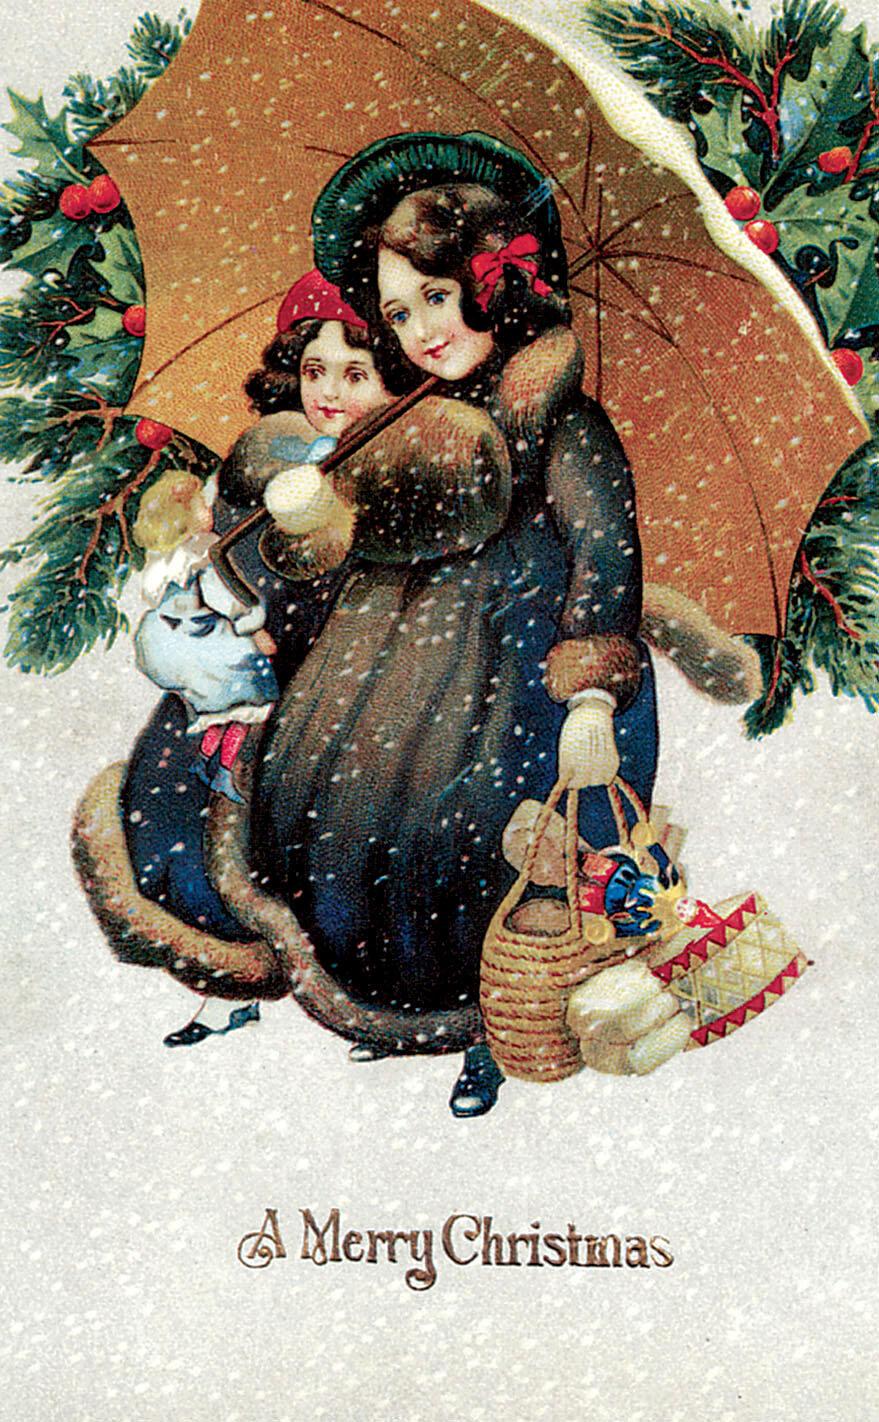 Приколом, иллюстрации рождественских открыток